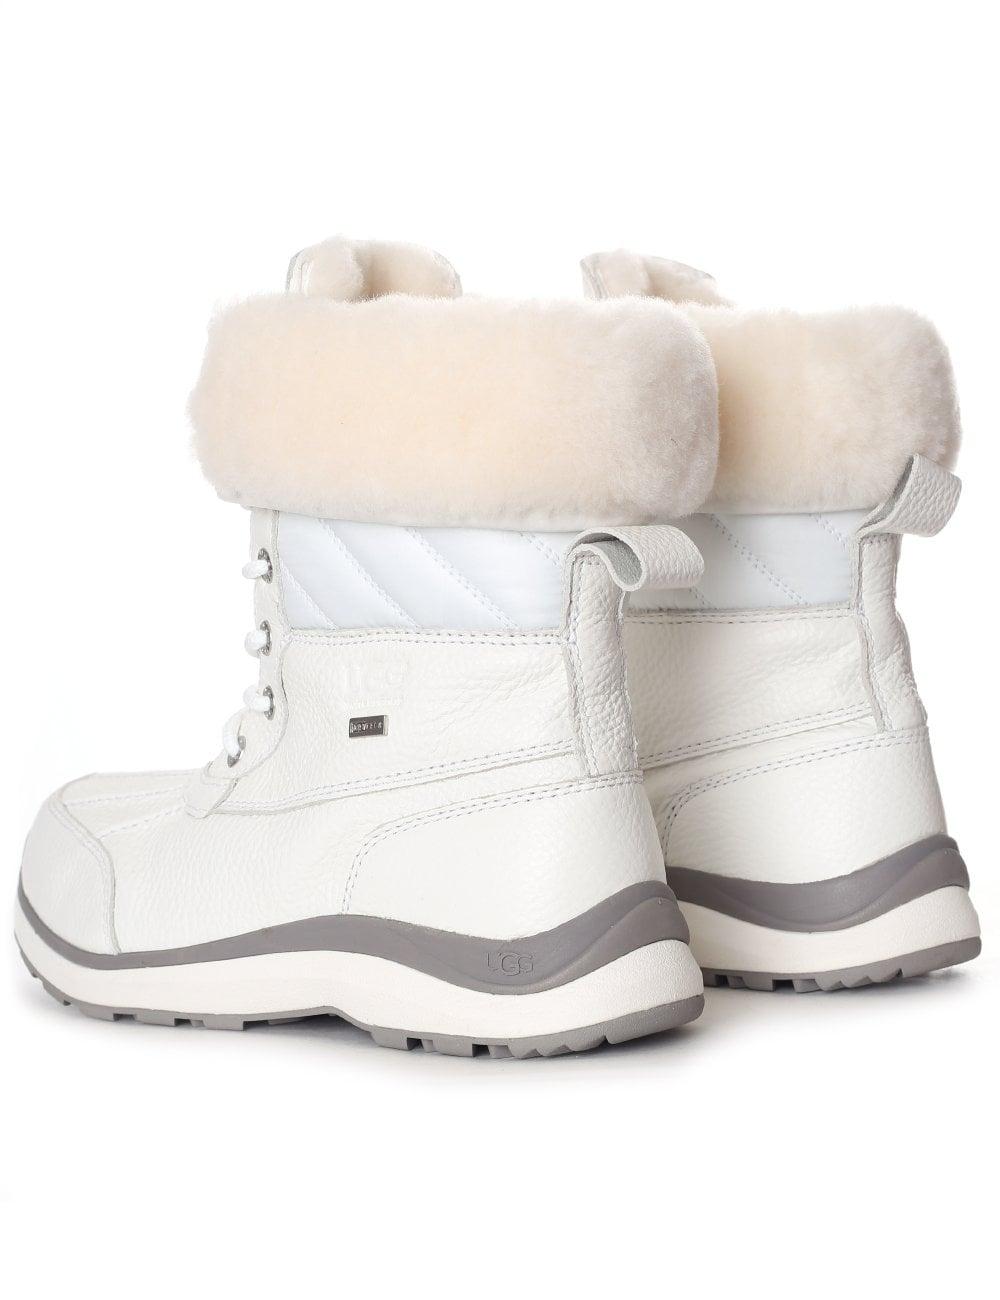 6ca1230ec19 UGG Women's Adirondack III Quilt Boot